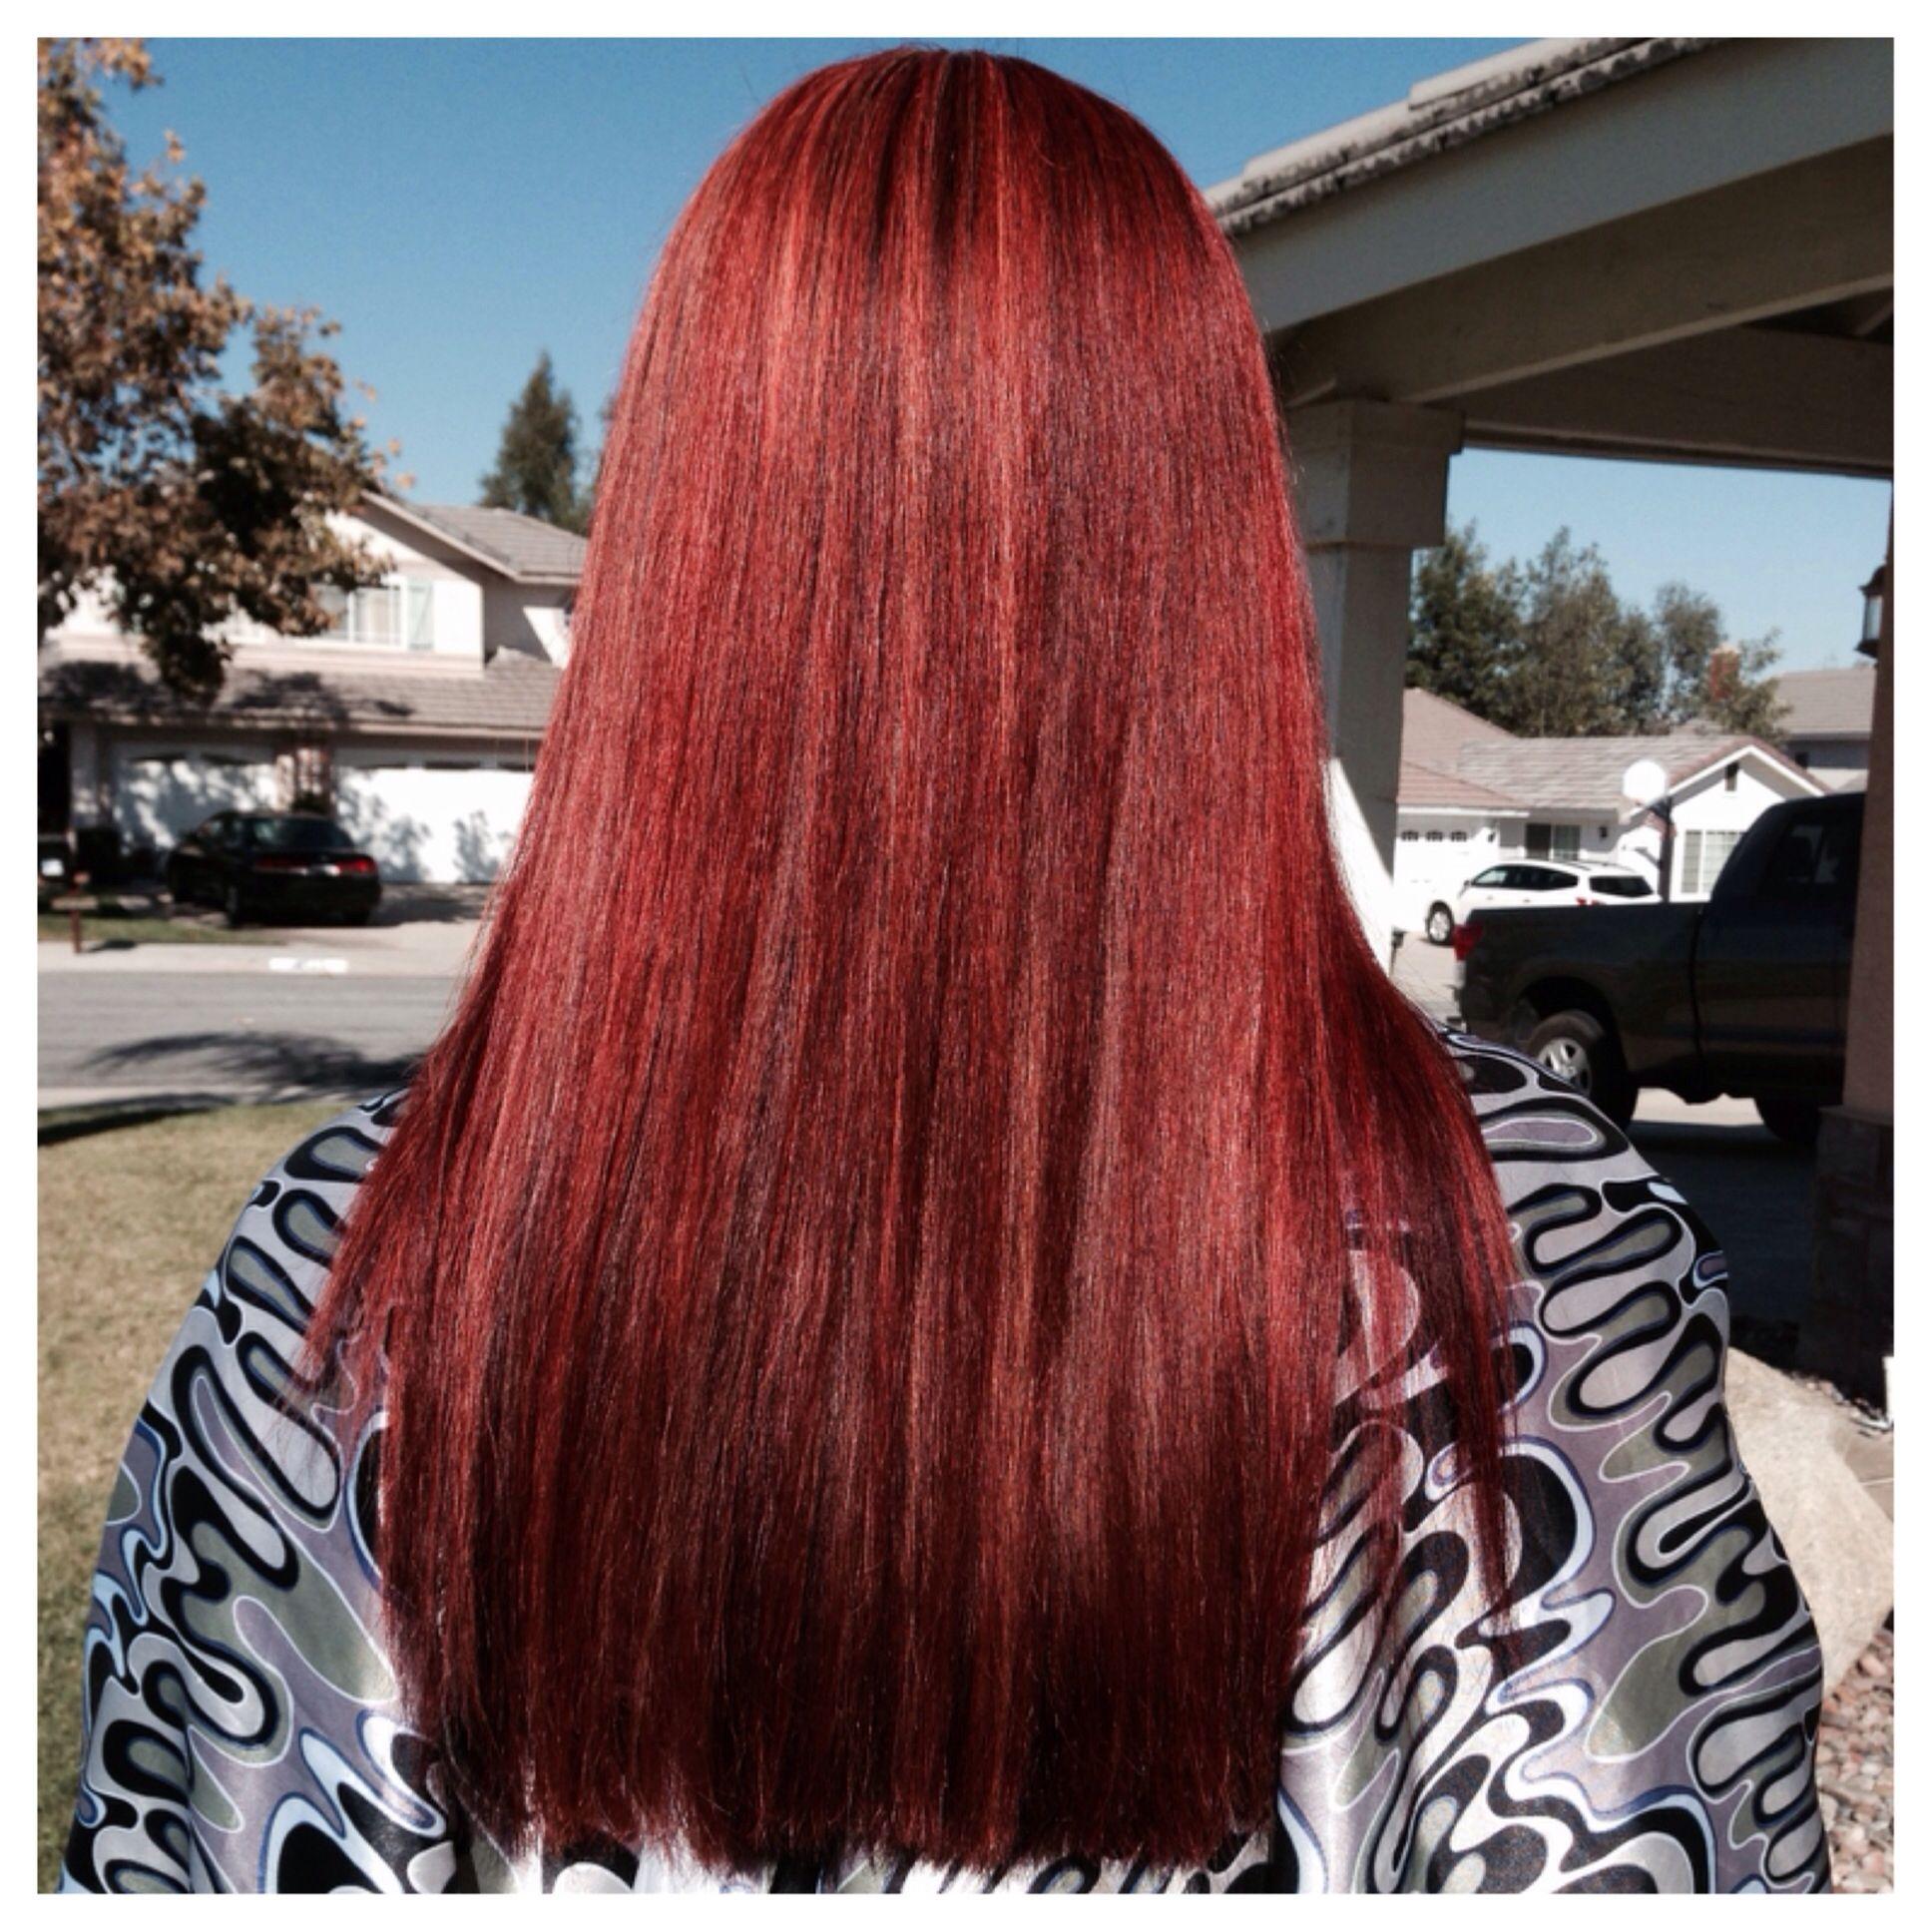 Pin By Nancy O Brien On Hair By Carrie Gouvion Long Hair Styles Hair Matrix Hair Color